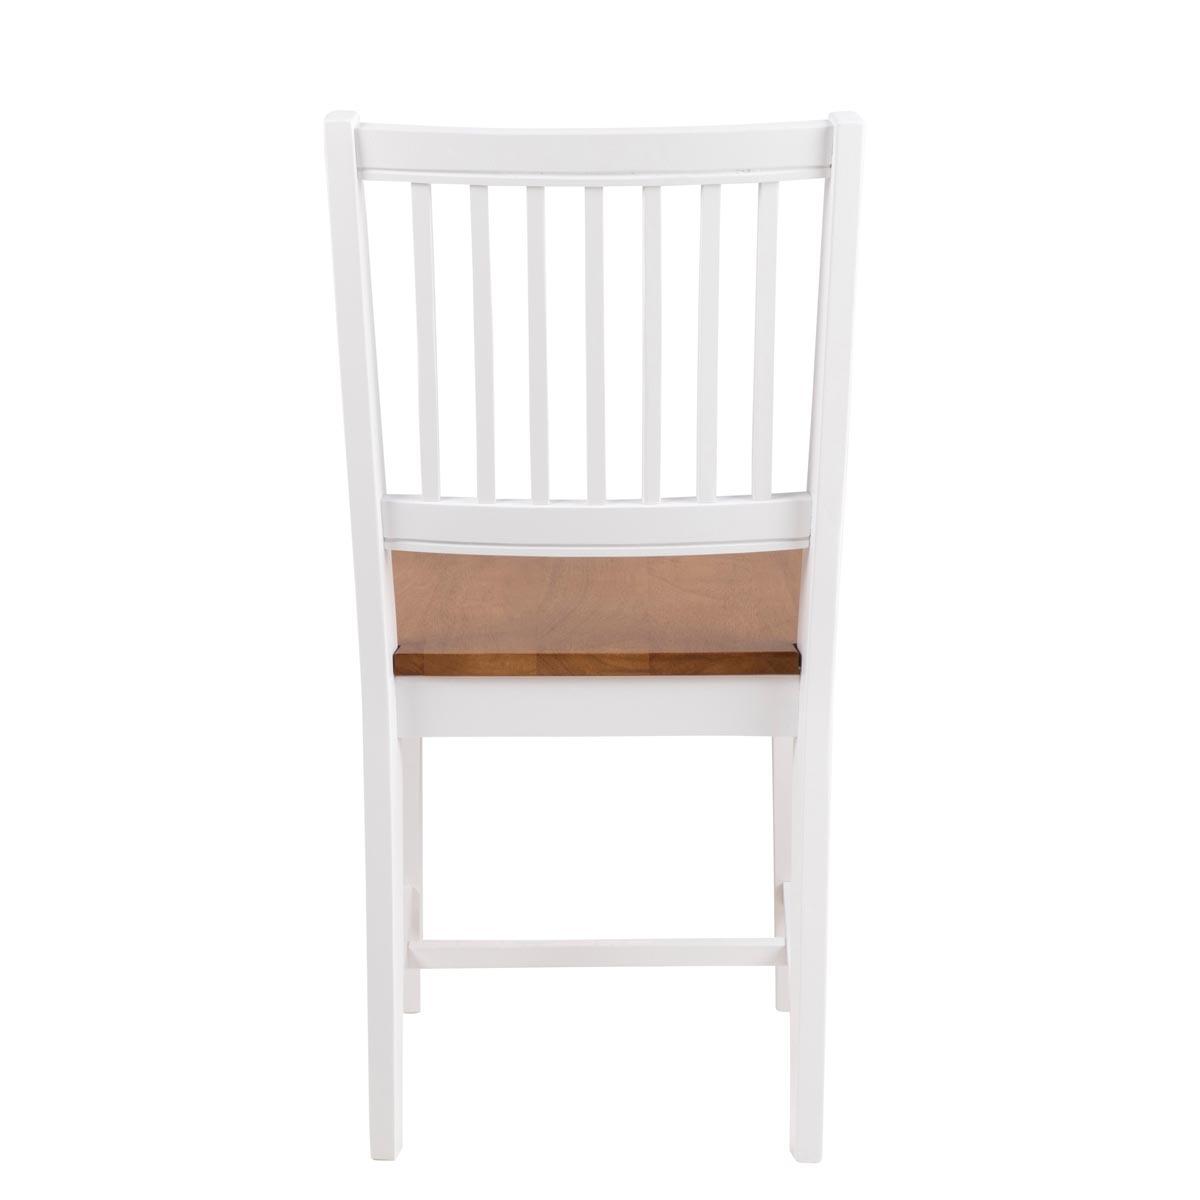 BRISBANE-stol-rygg